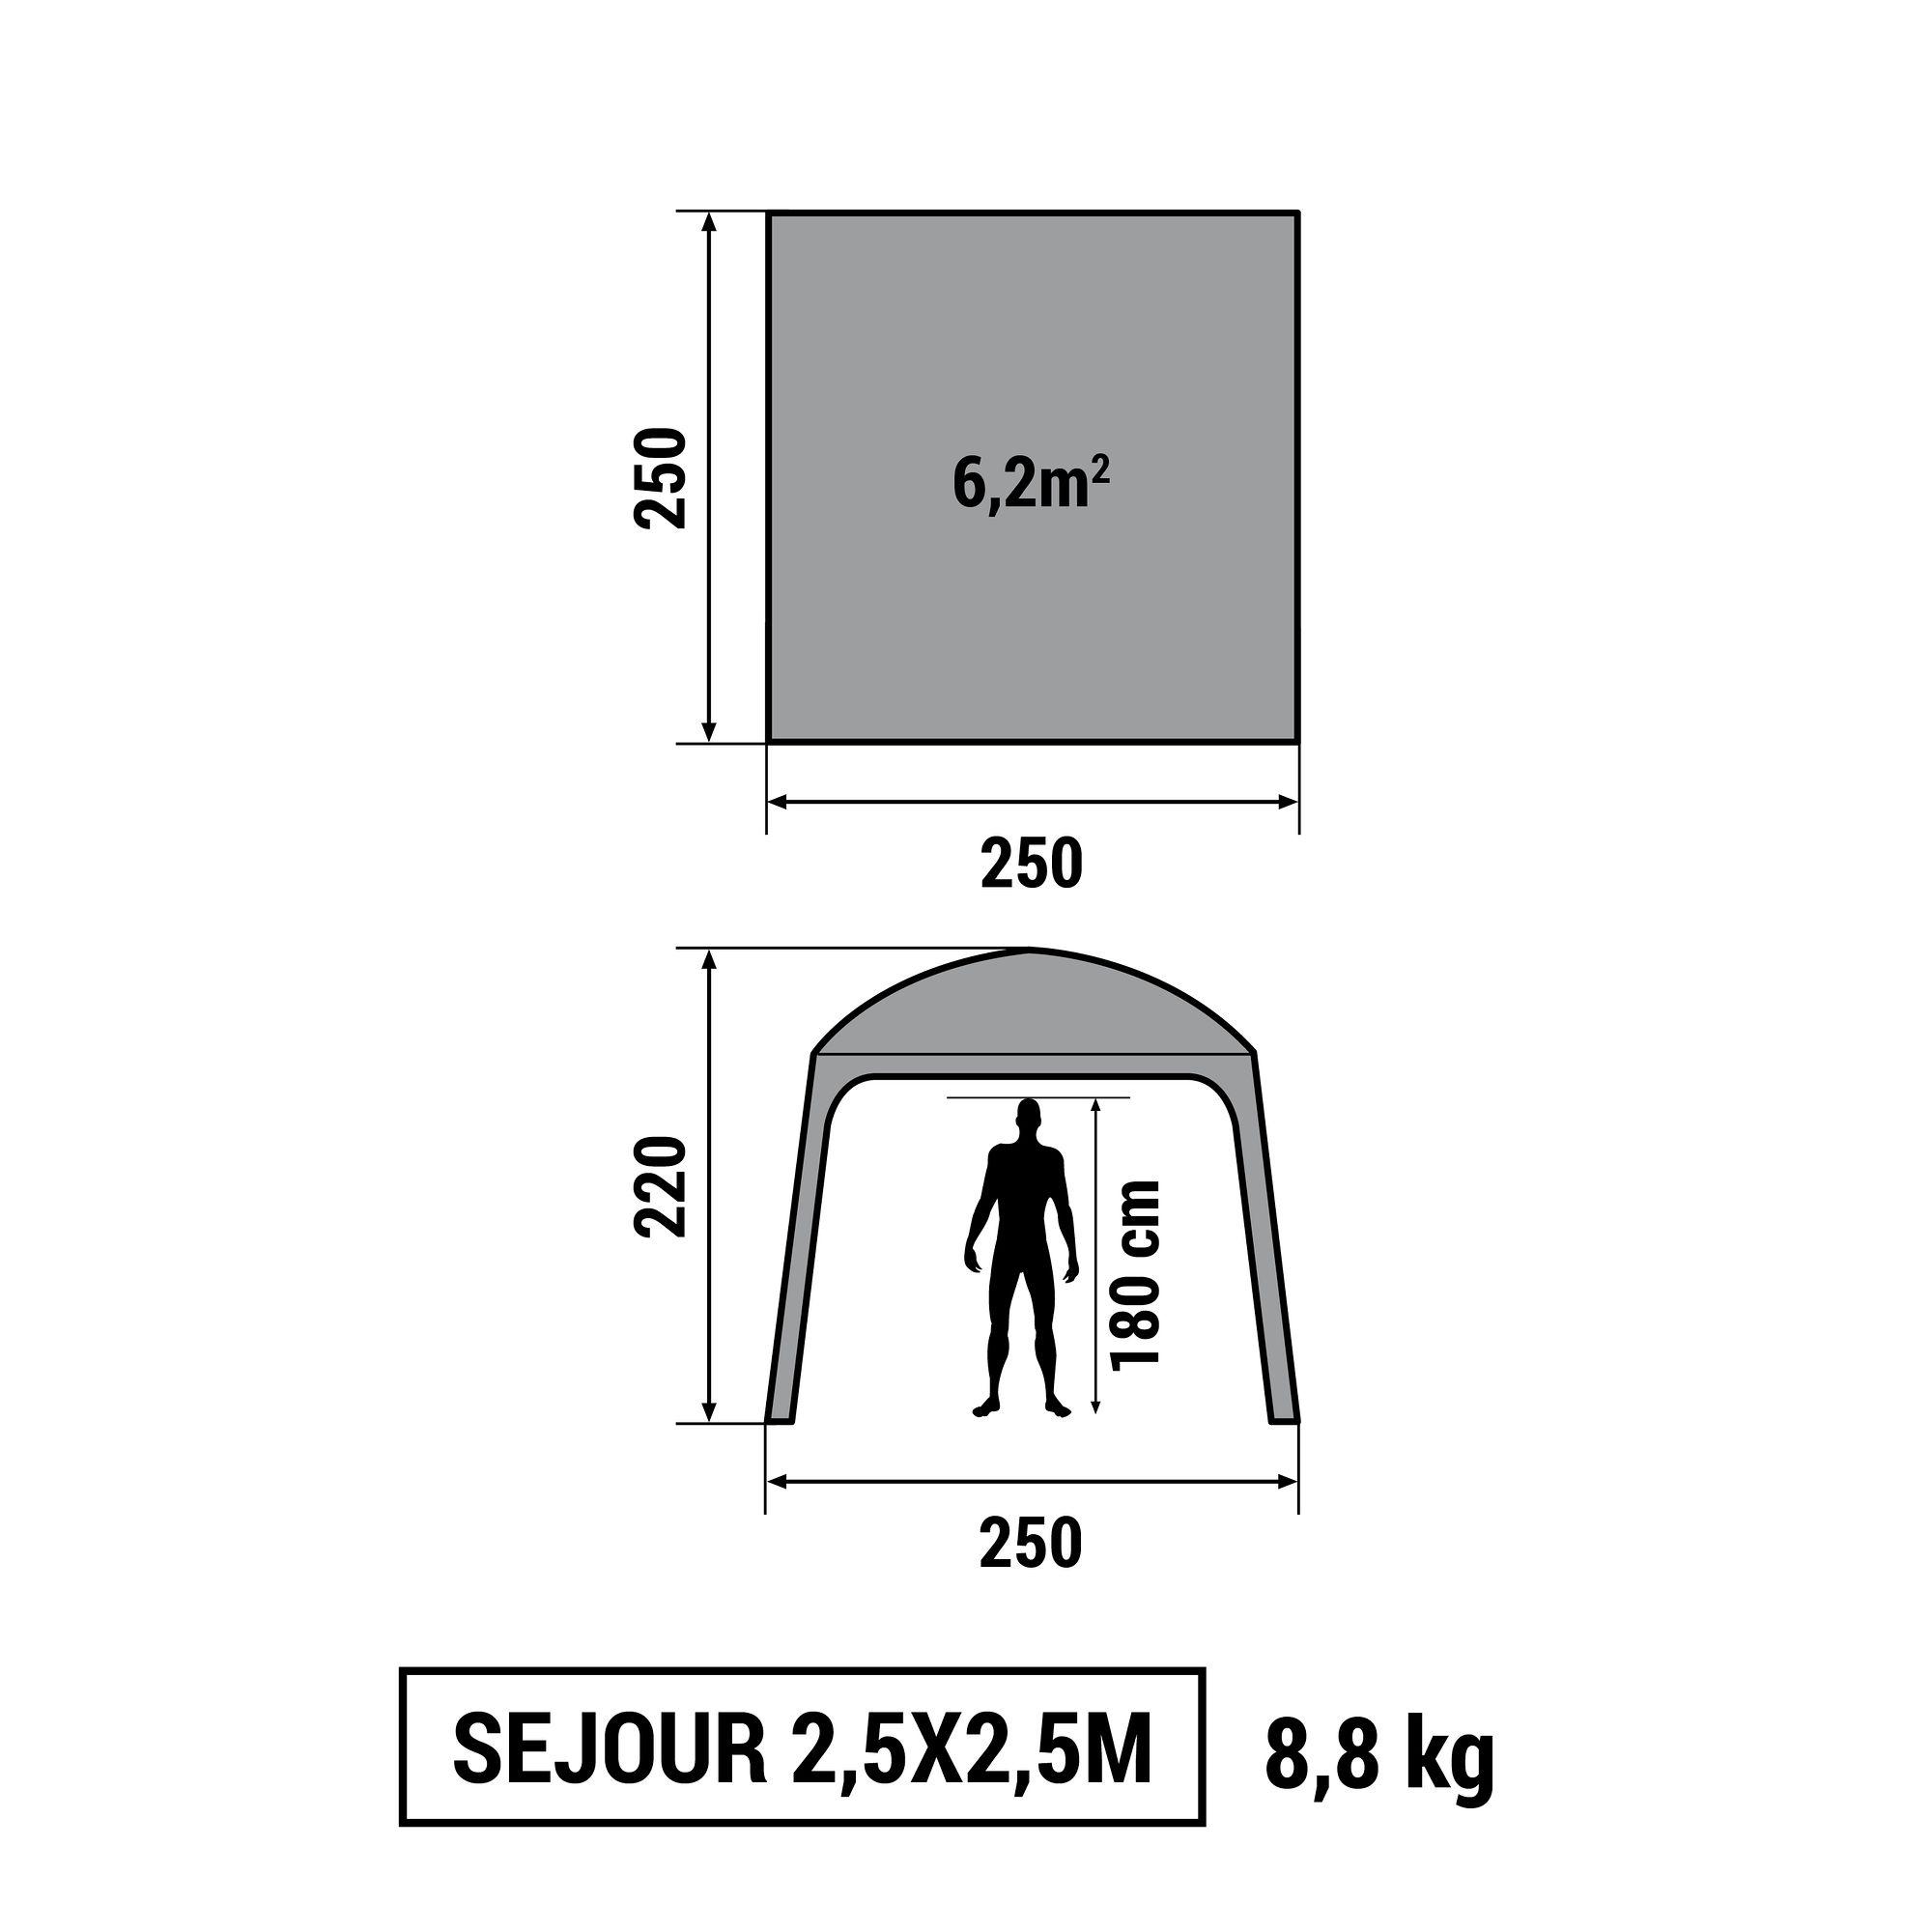 SEJOUR CAMPING / CAMP DU RANDONNEUR 2,5mx 2,5m 6 PERSONNES GRIS GRANIT